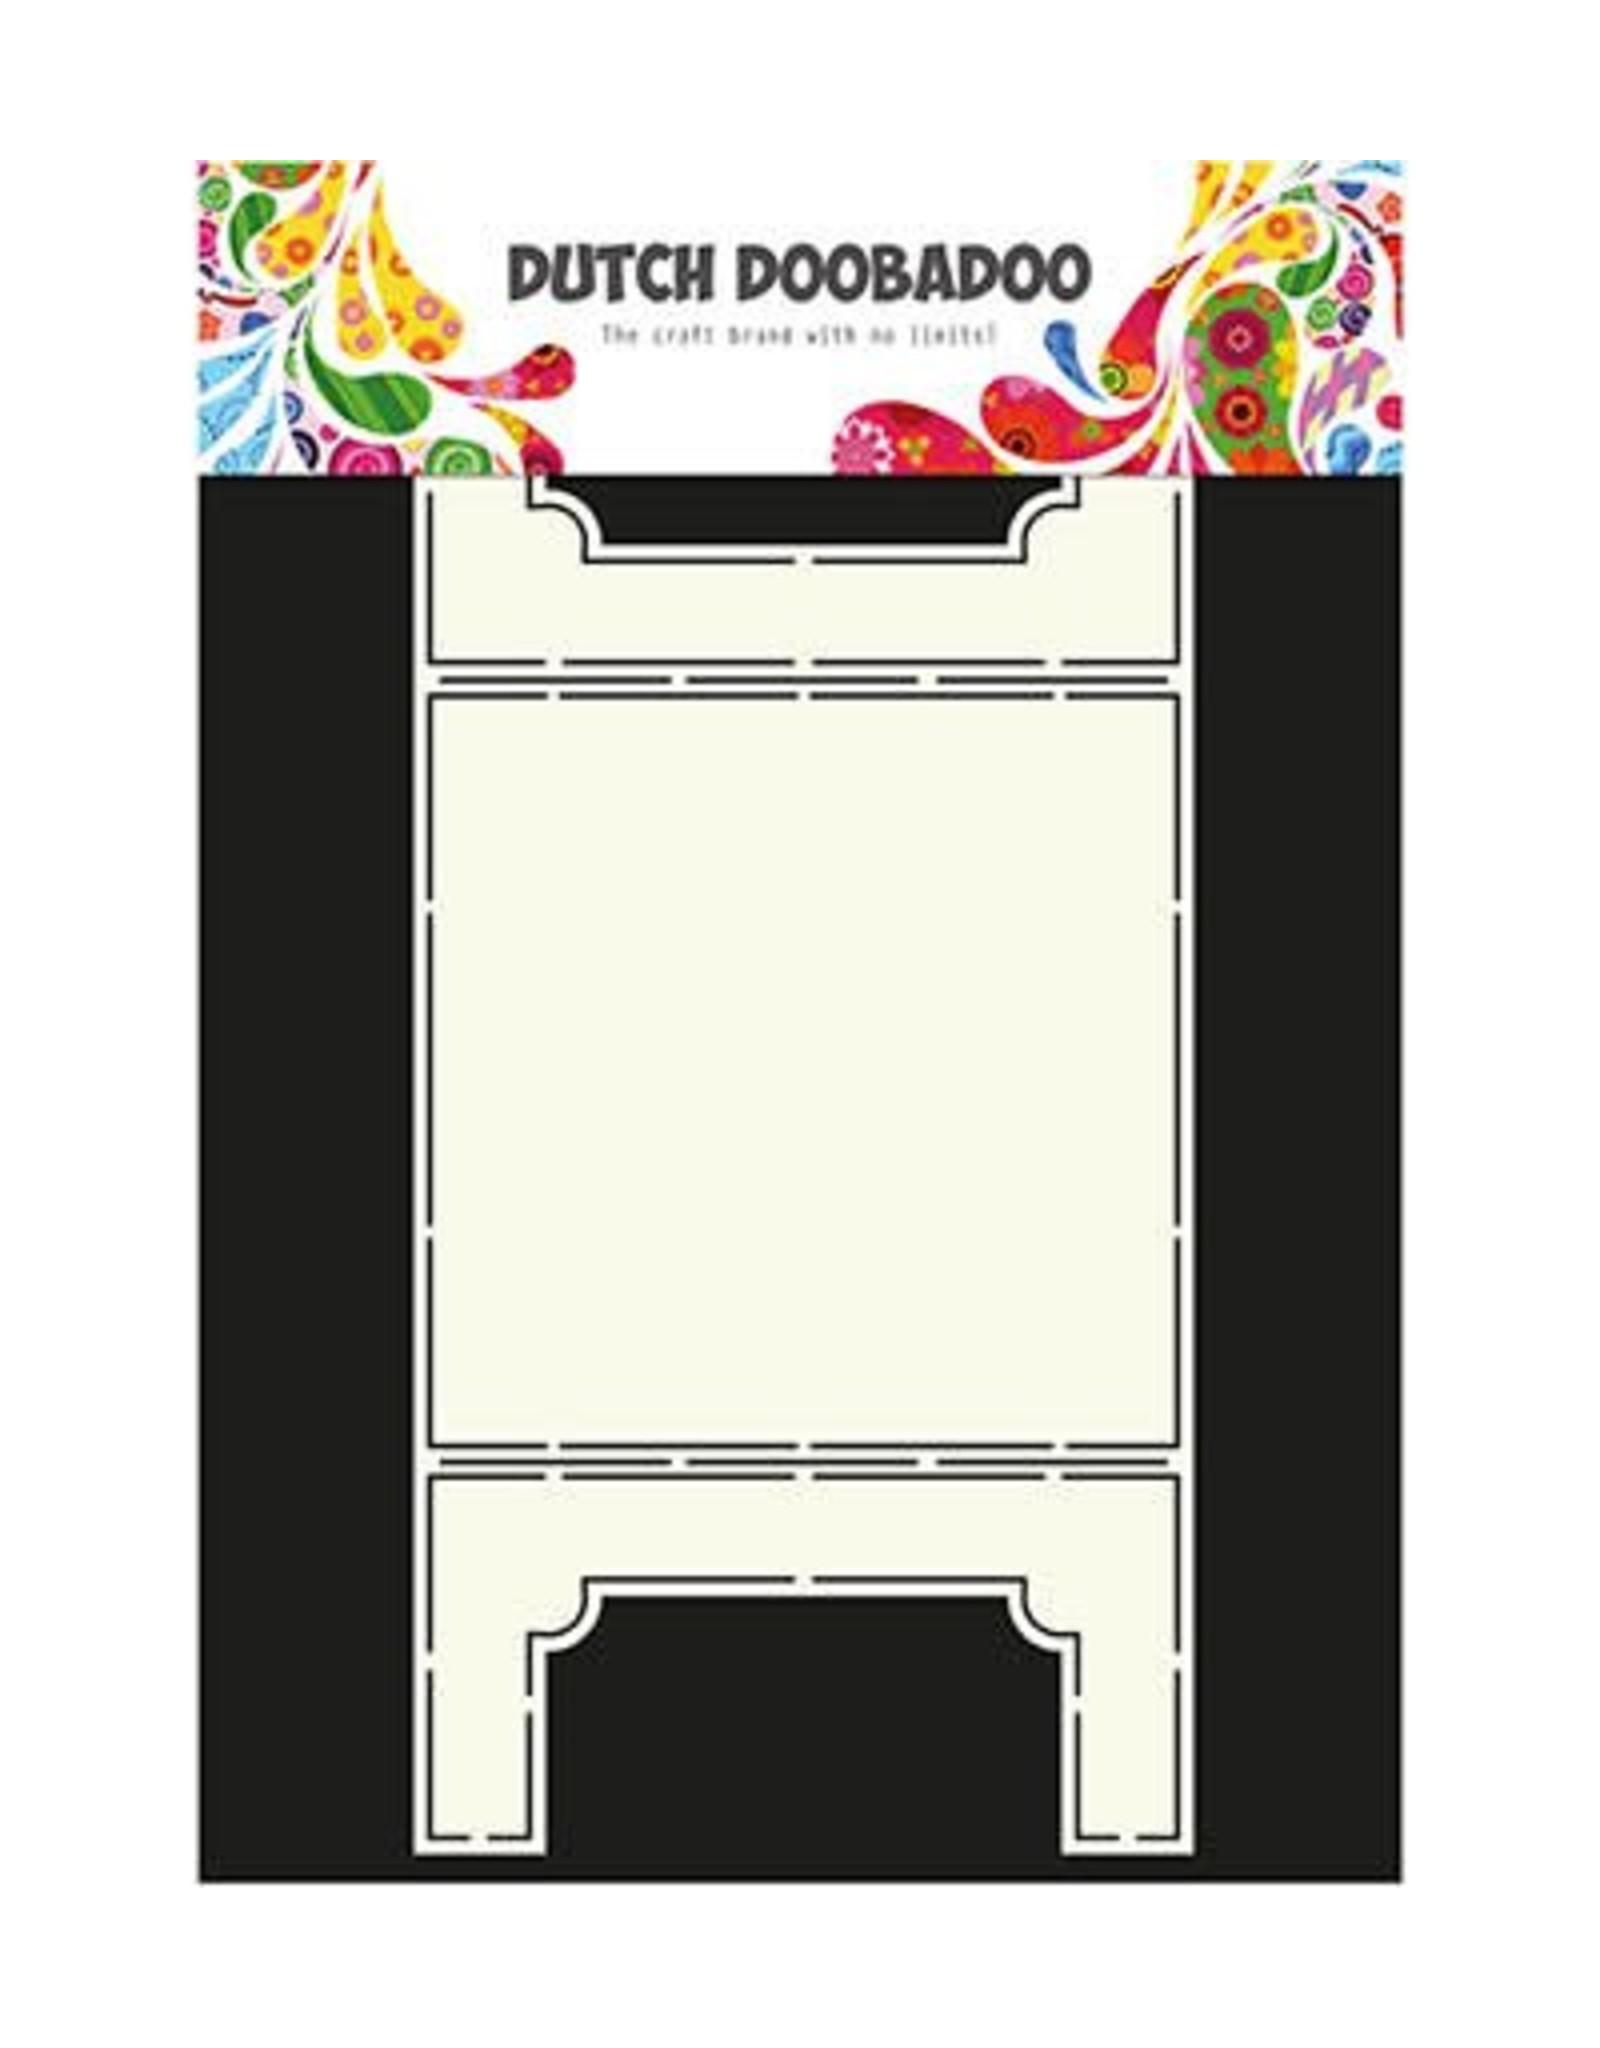 Dutch Doobadoo Card Art Dutch Doobadoo Dutch Card Art ticket